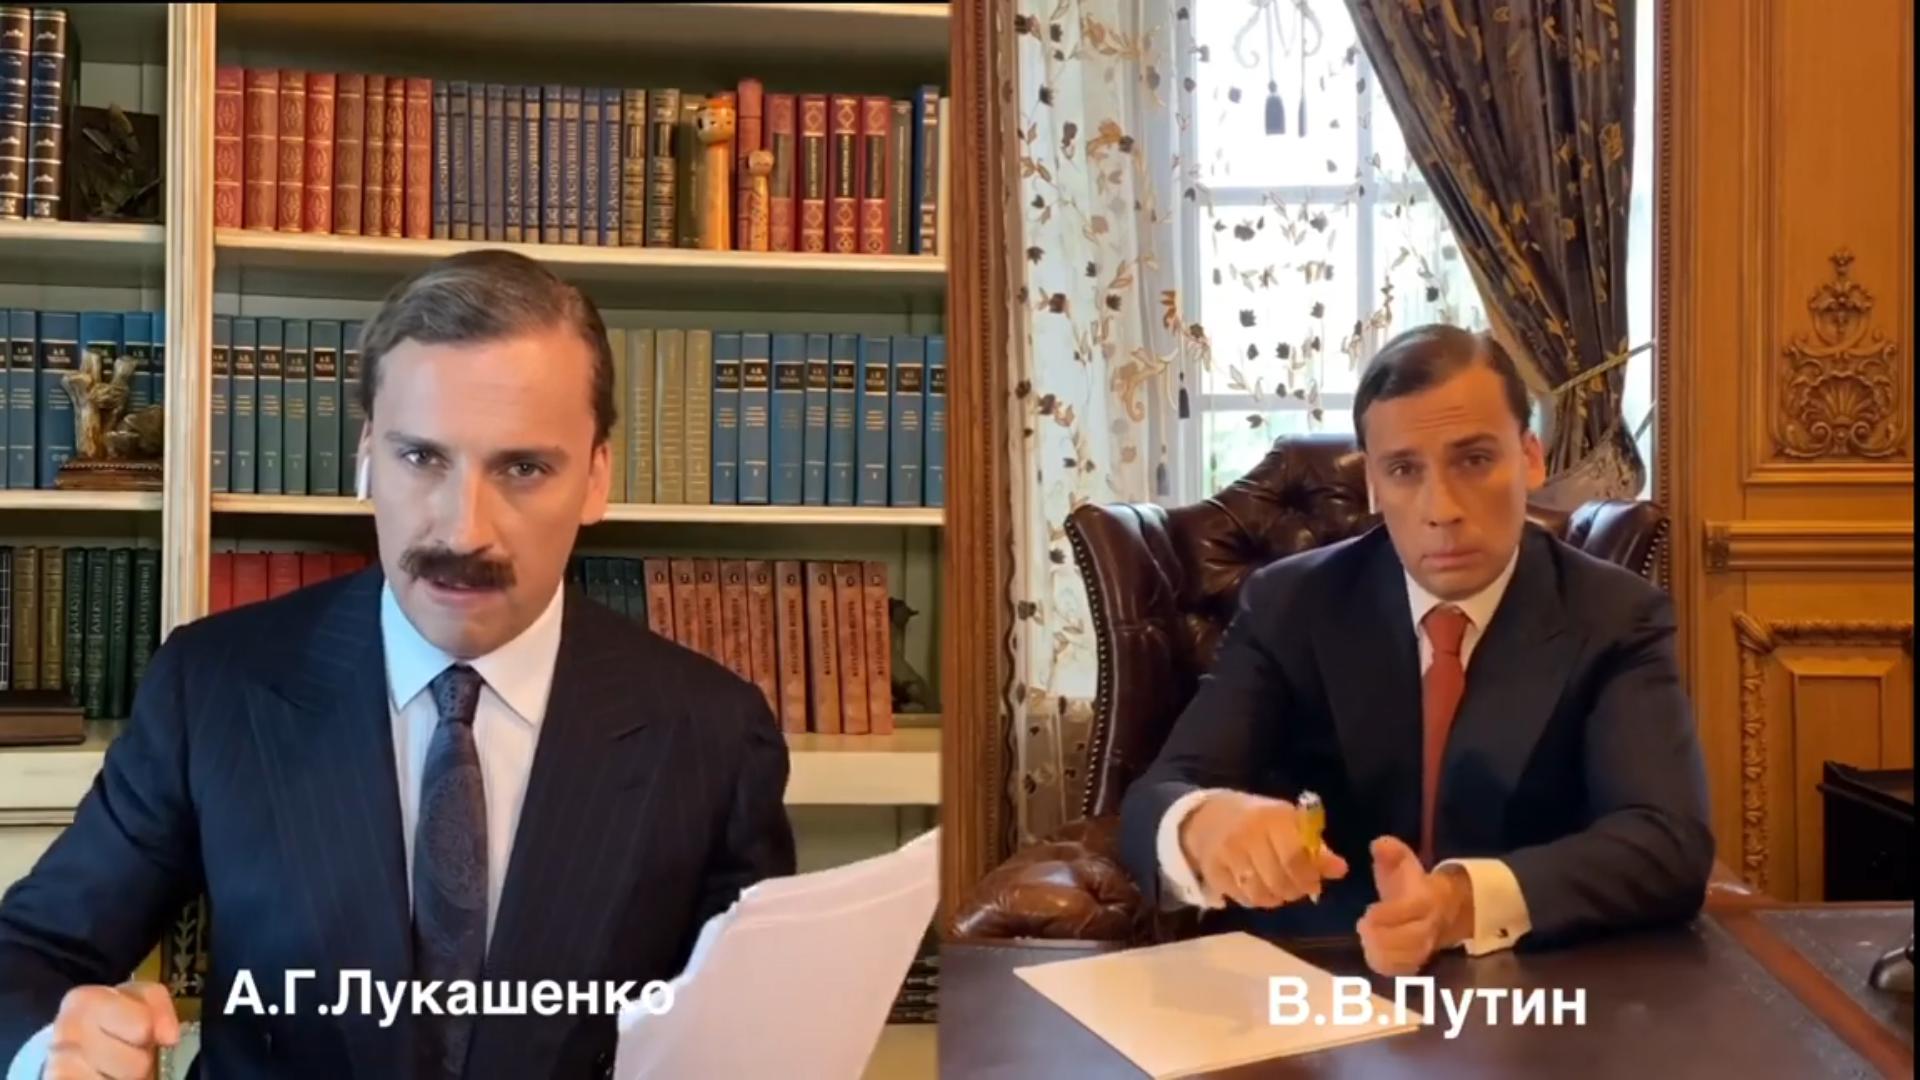 Галкин спародировал встречу Лукашенко и Путина